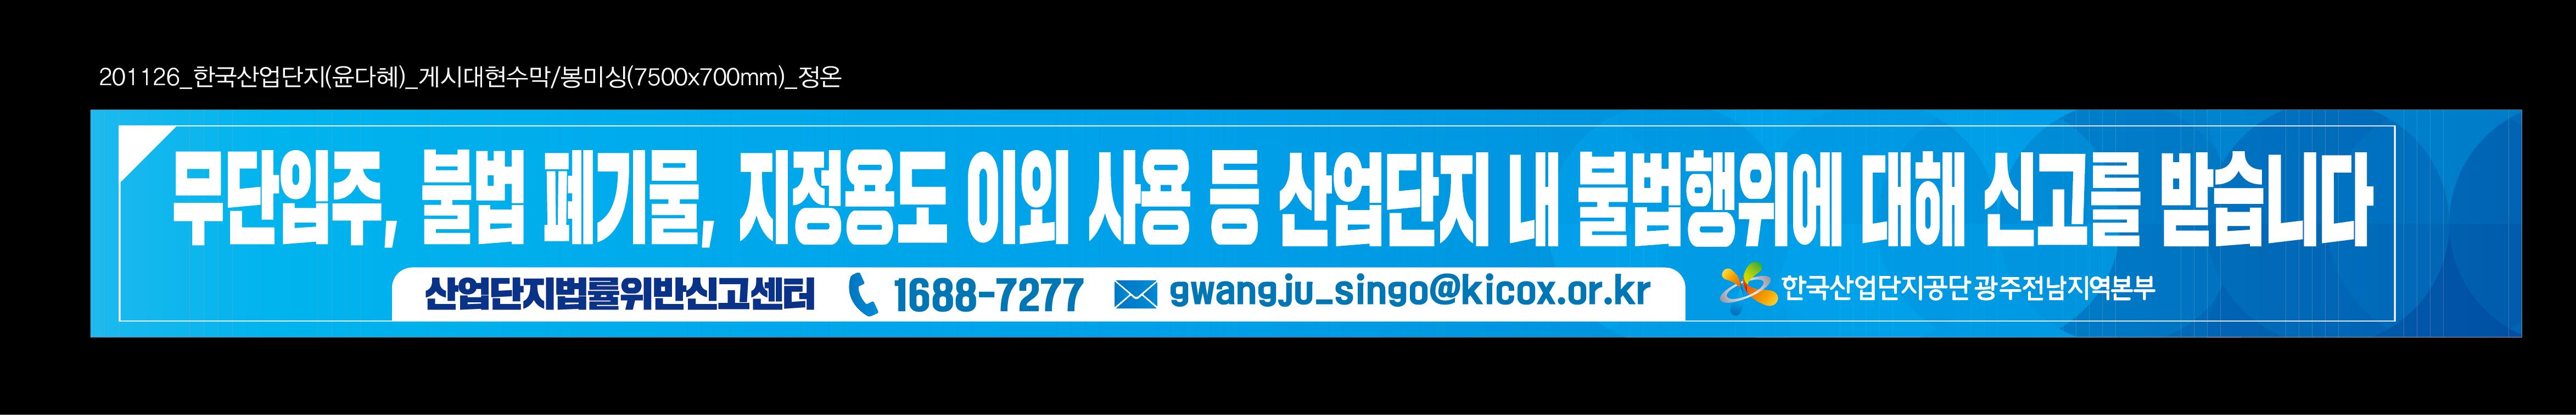 한국산업단지공단(윤다혜)_게시대현수막, 배너